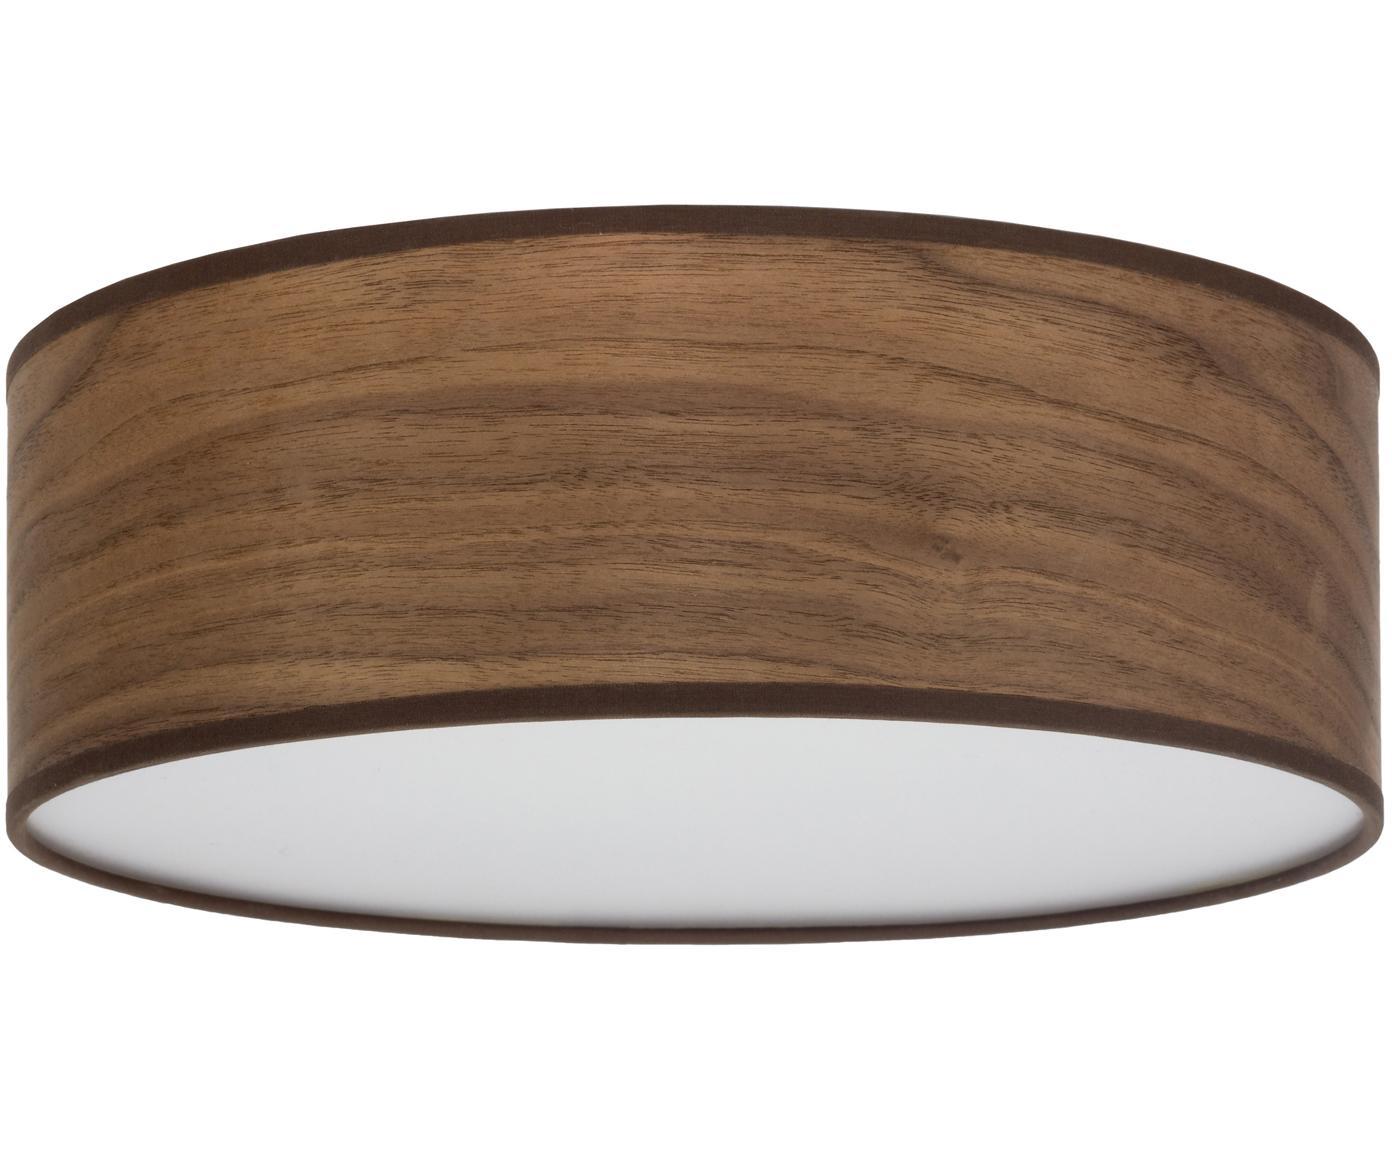 Plafoniera Tsuri, Paralume: impiallacciato in legno d, Noce, bianco, Ø 30 x Alt. 10 cm